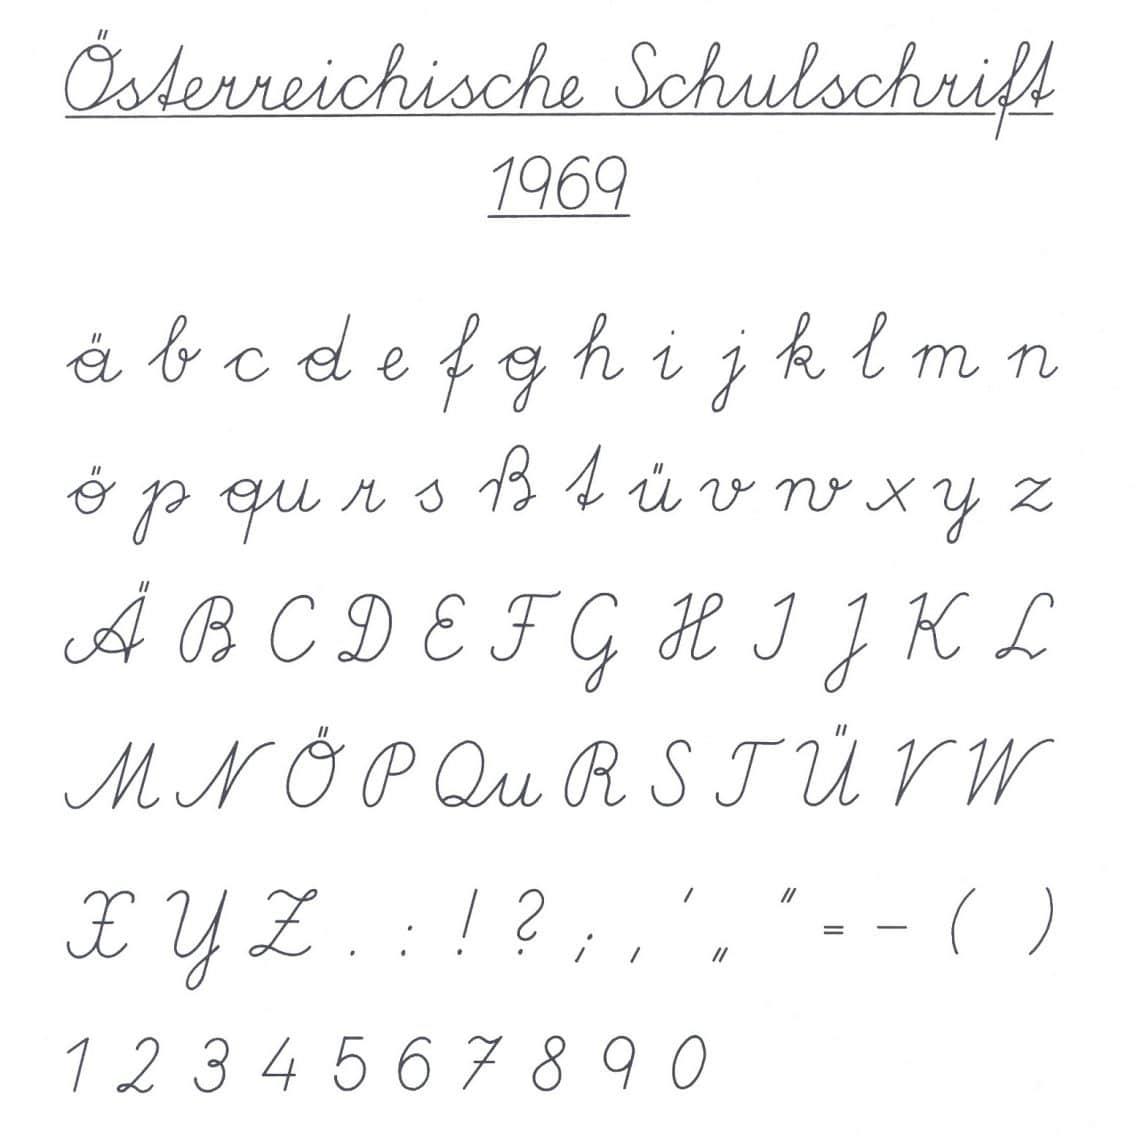 Österreichische Schulschreibschrift 1969